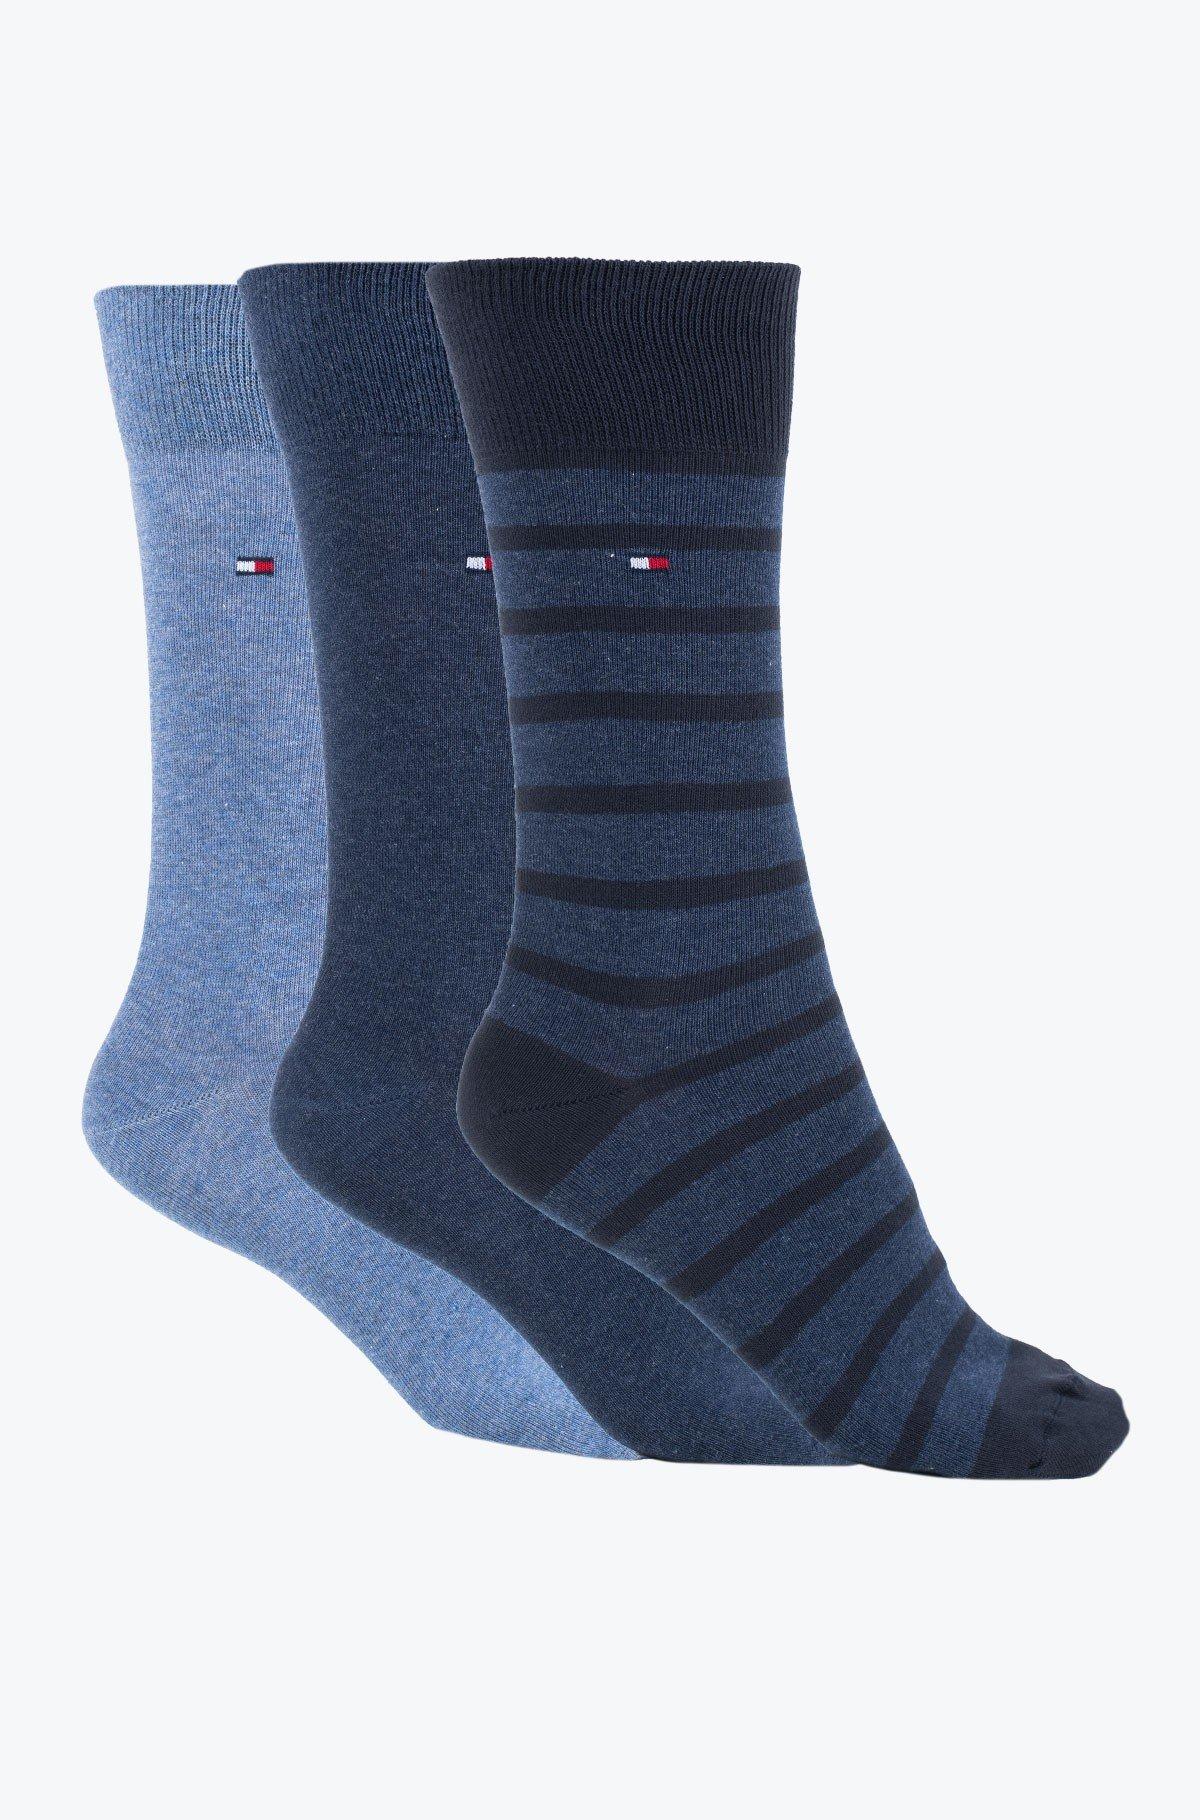 Socks 492999001-full-1